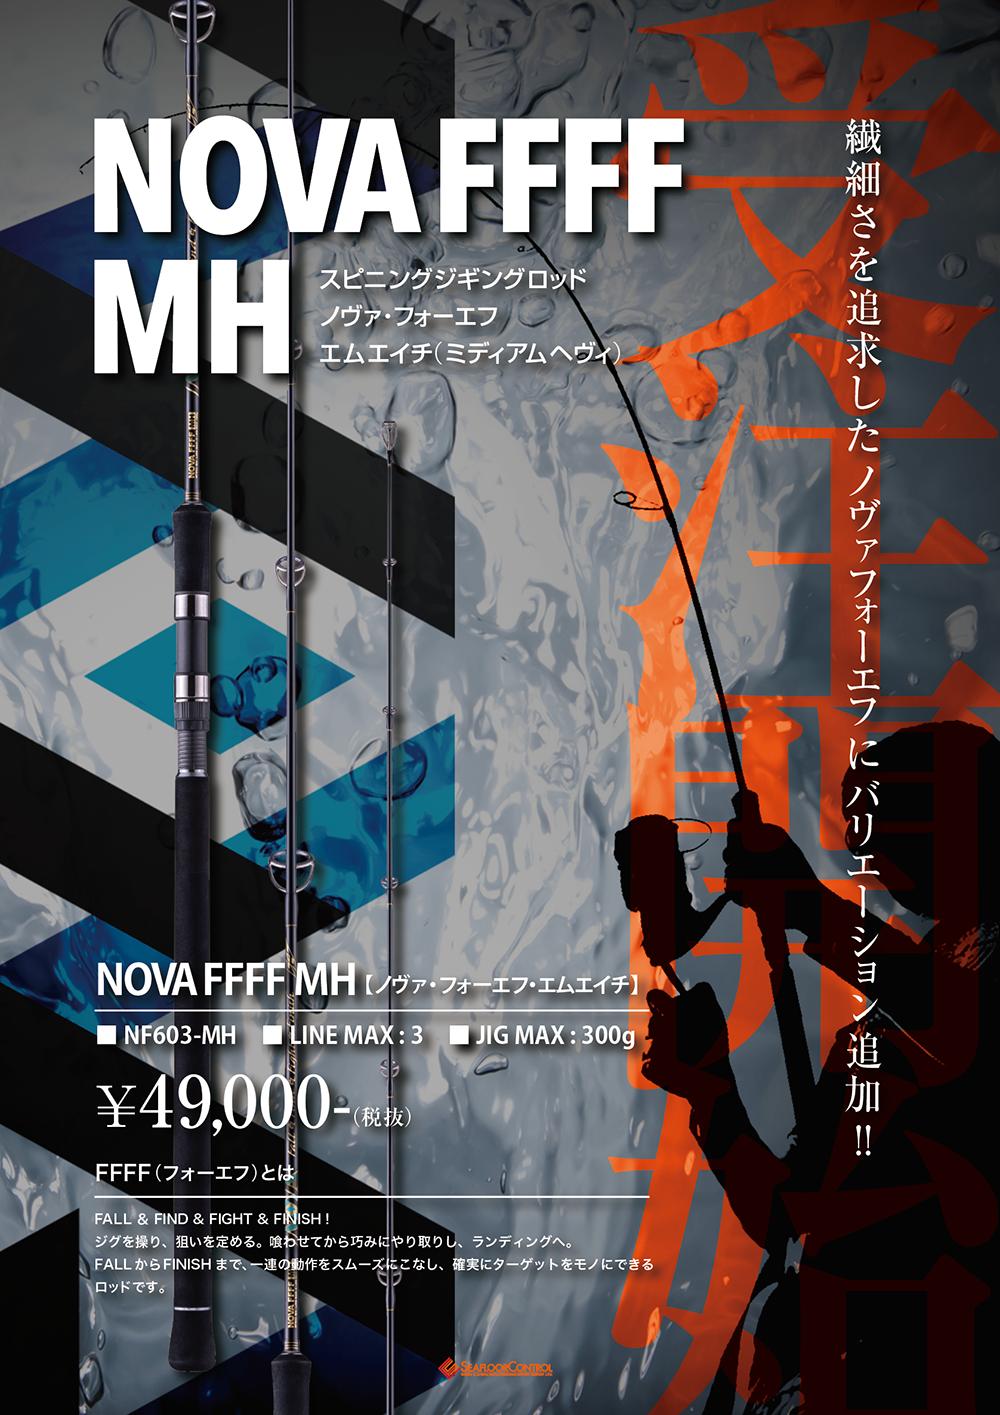 nova ffff mh ノヴァ フォーエフ エムエイチ ミディアムヘヴィ 受注開始